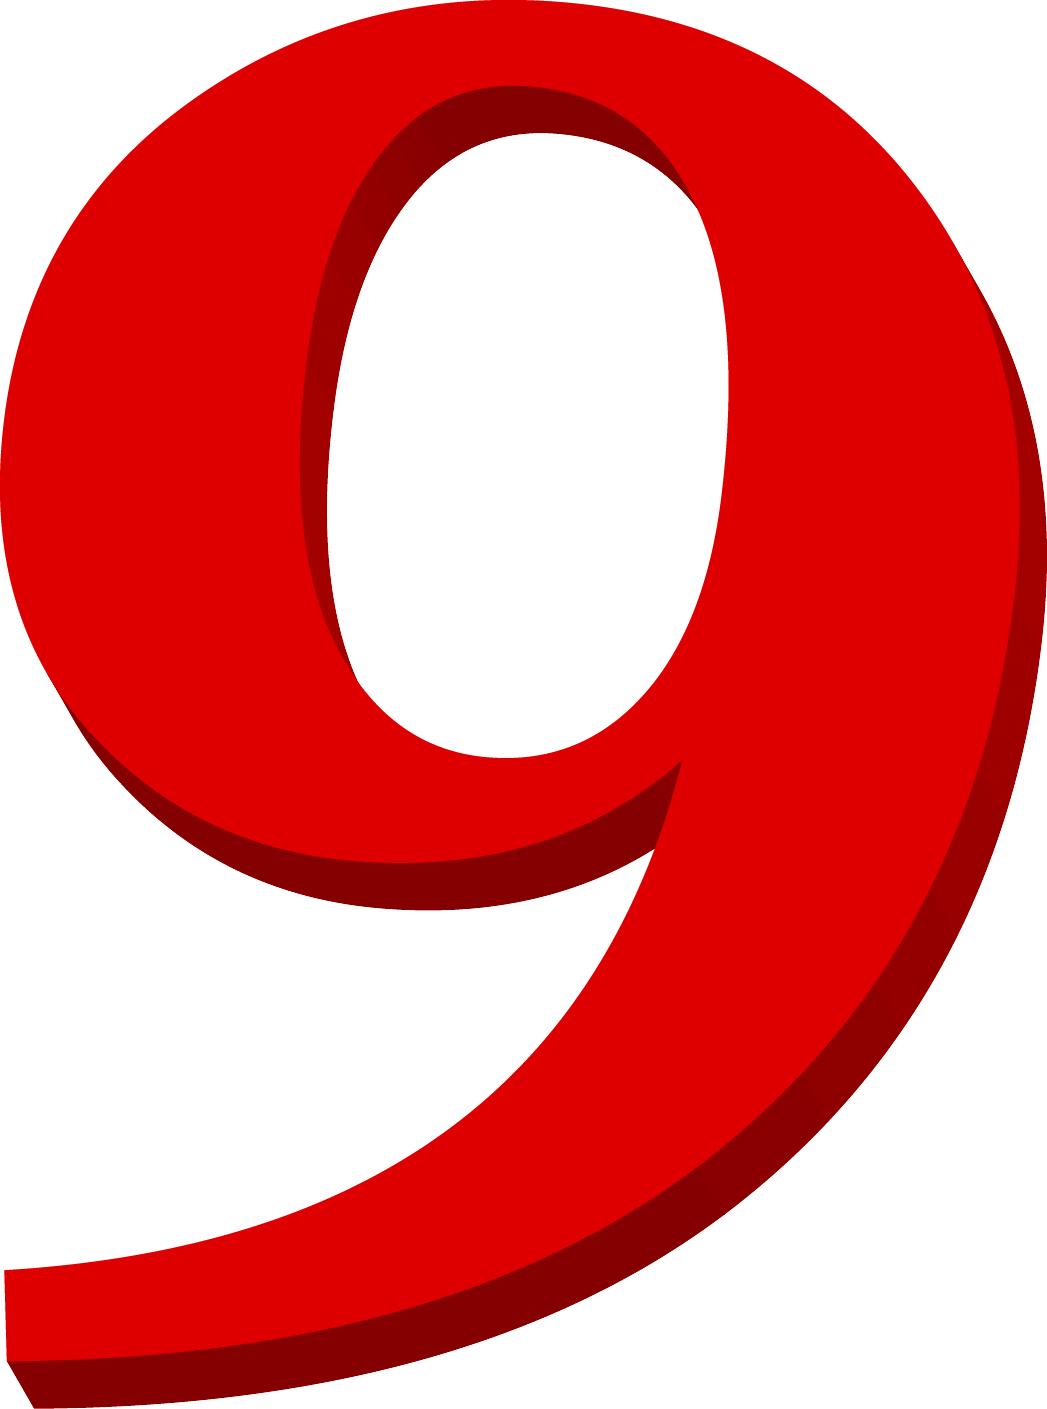 Orange Number 9 Clipart.